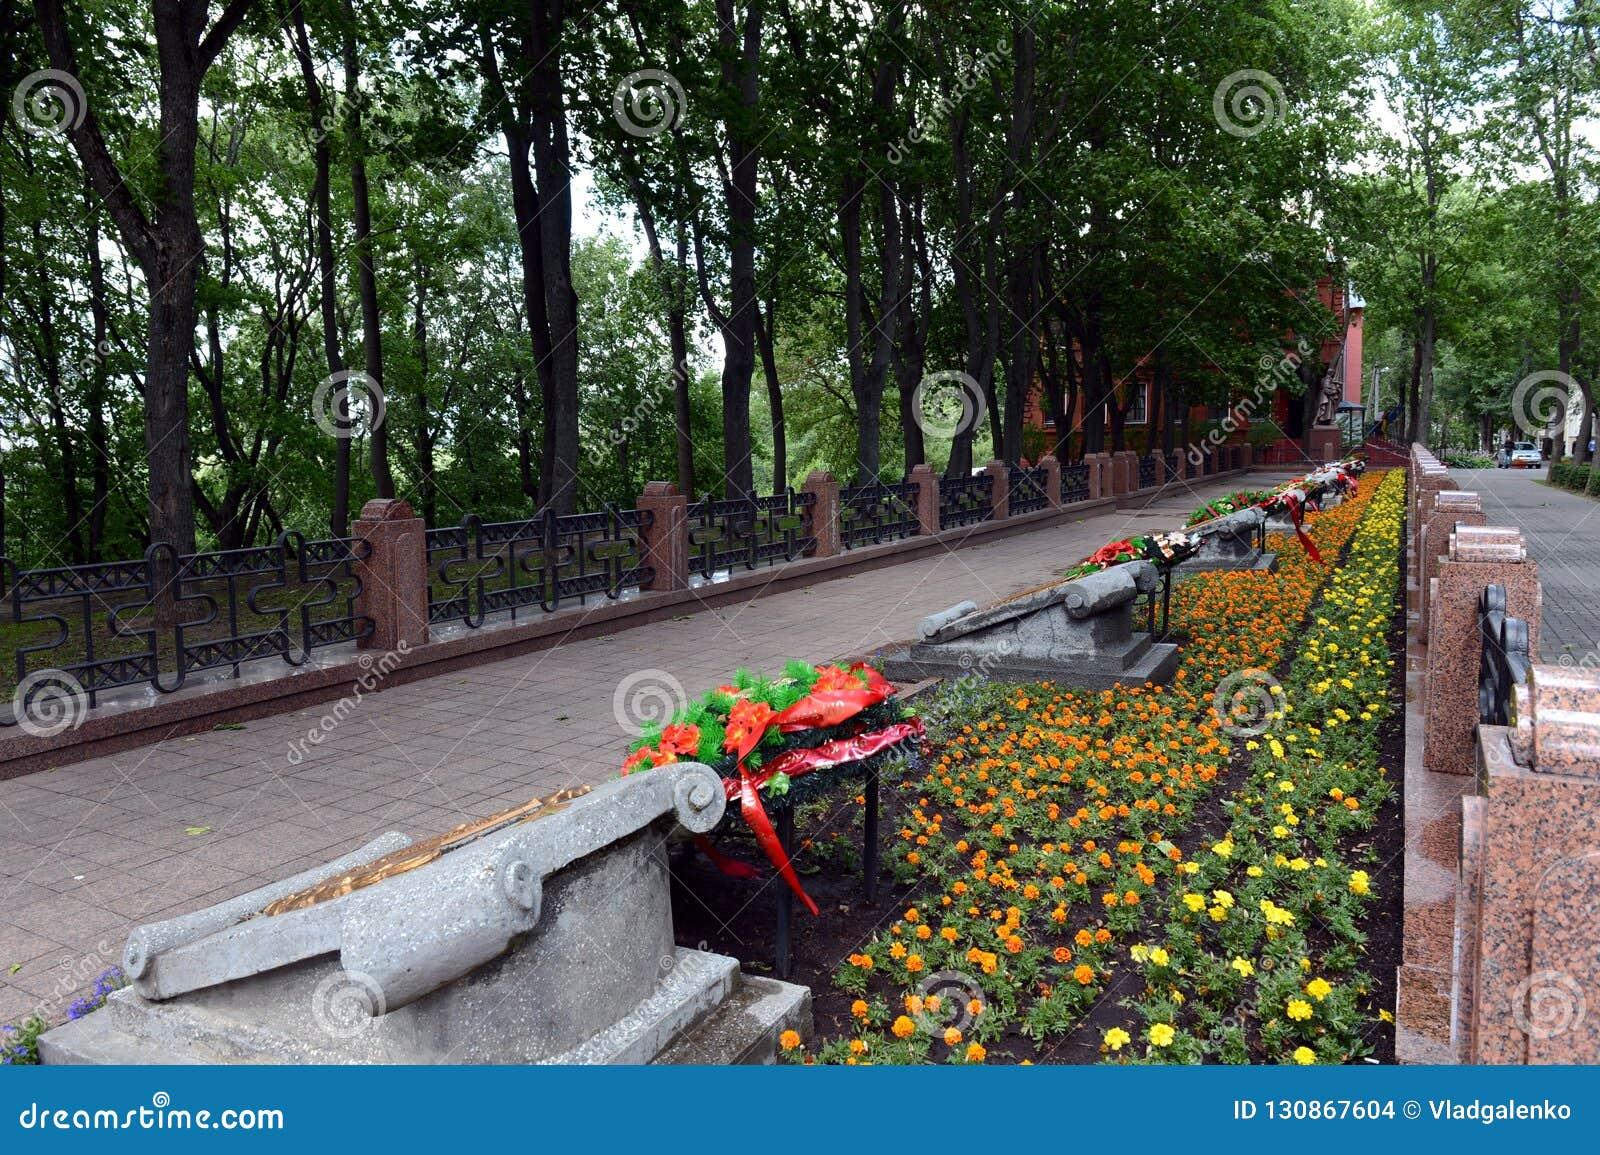 Herdenkingssteeg - de begrafenis van militairen die tijdens de bevrijding van Vitebsk stierven